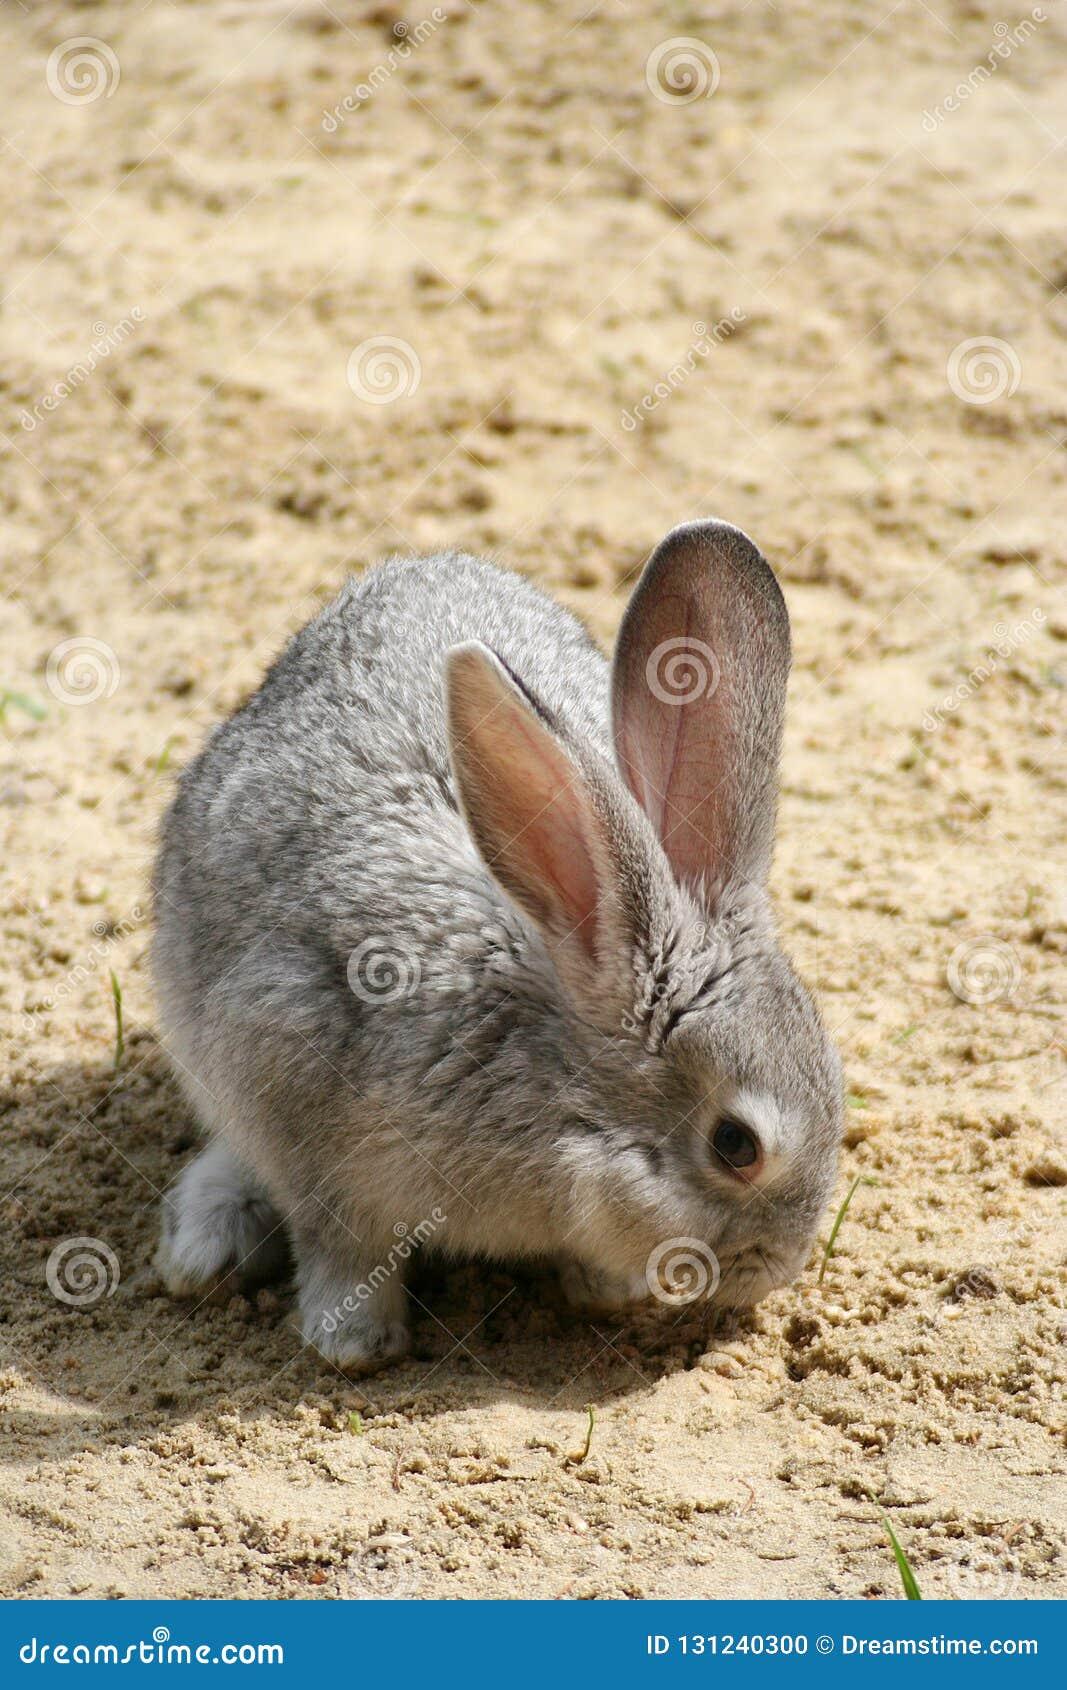 El conejo espigado mordisca hierba verde, hizo su manera a través de la arena